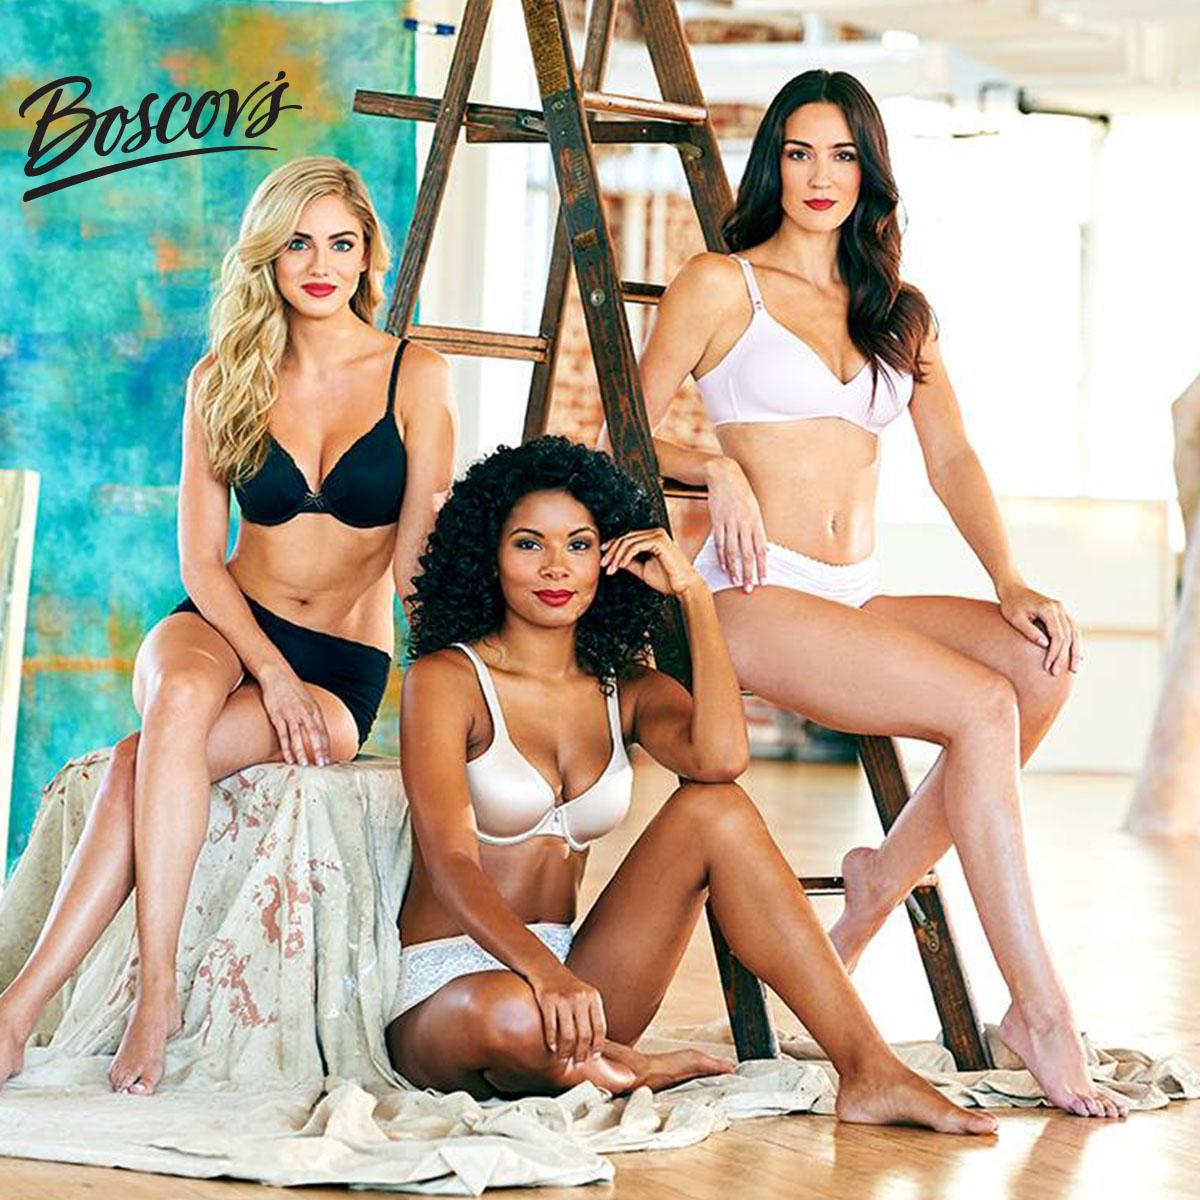 three women modeling bras